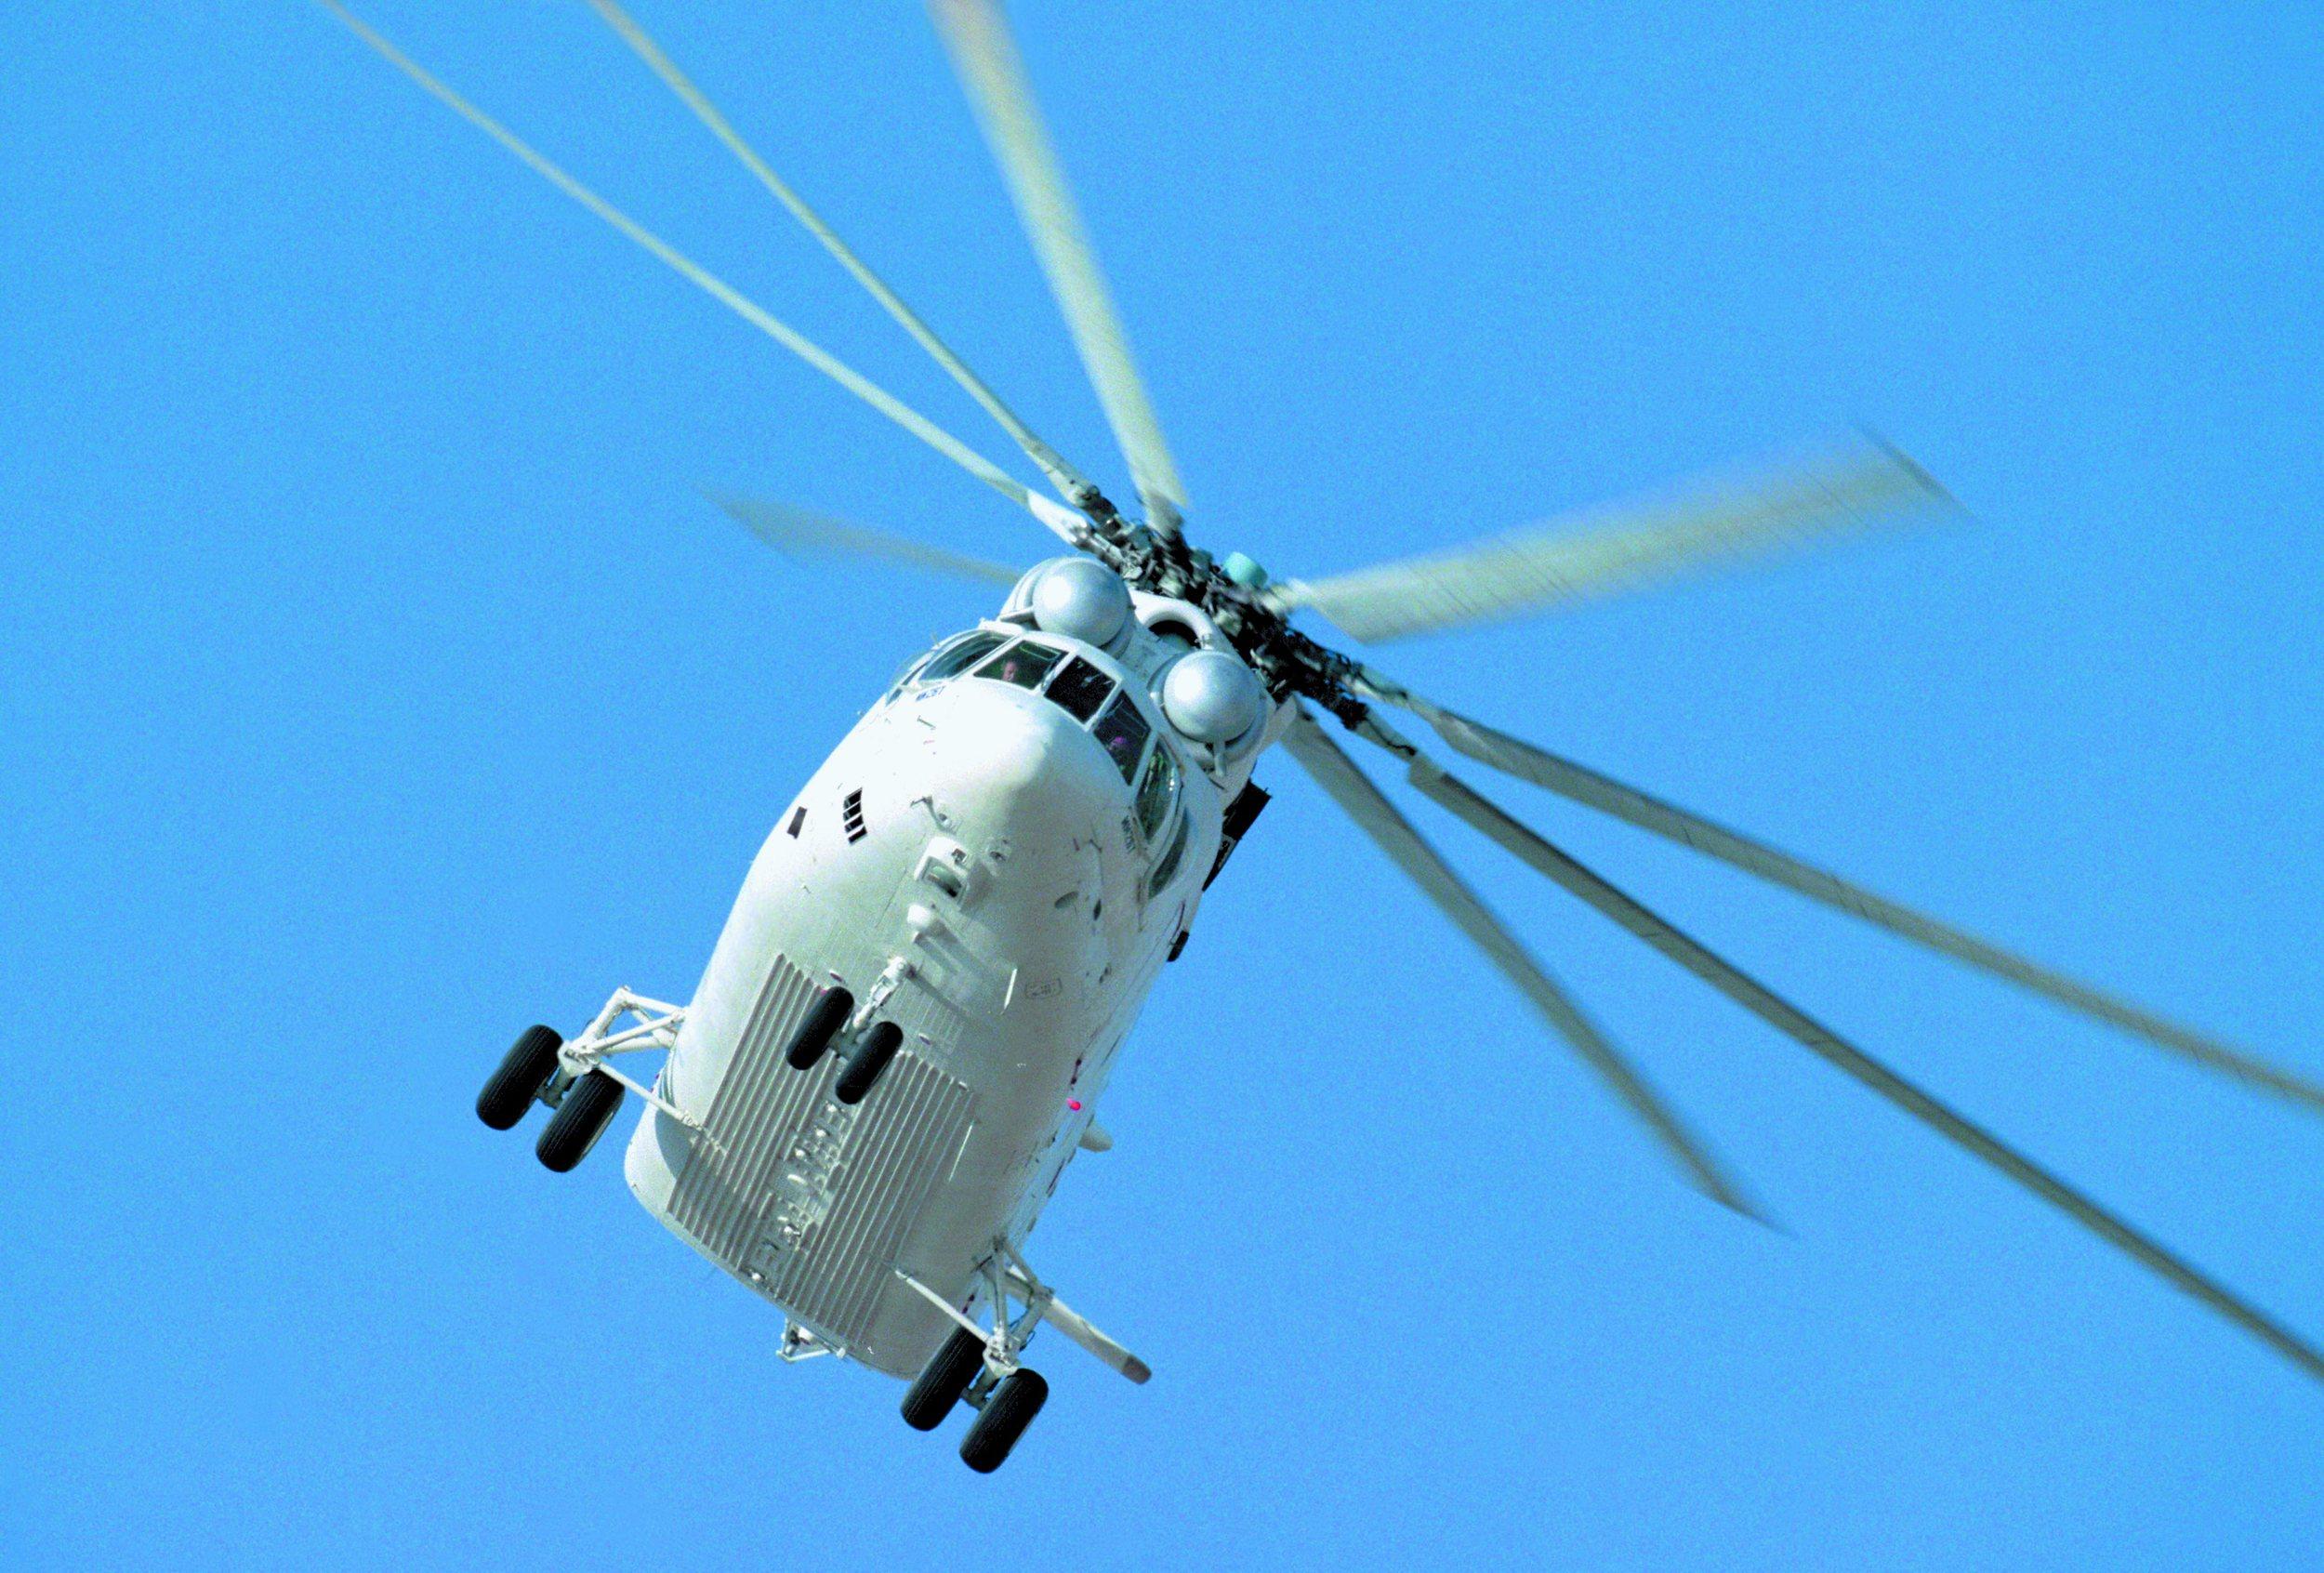 Вертолеты МЧС доставляют топливо в населенные пункты Корякии